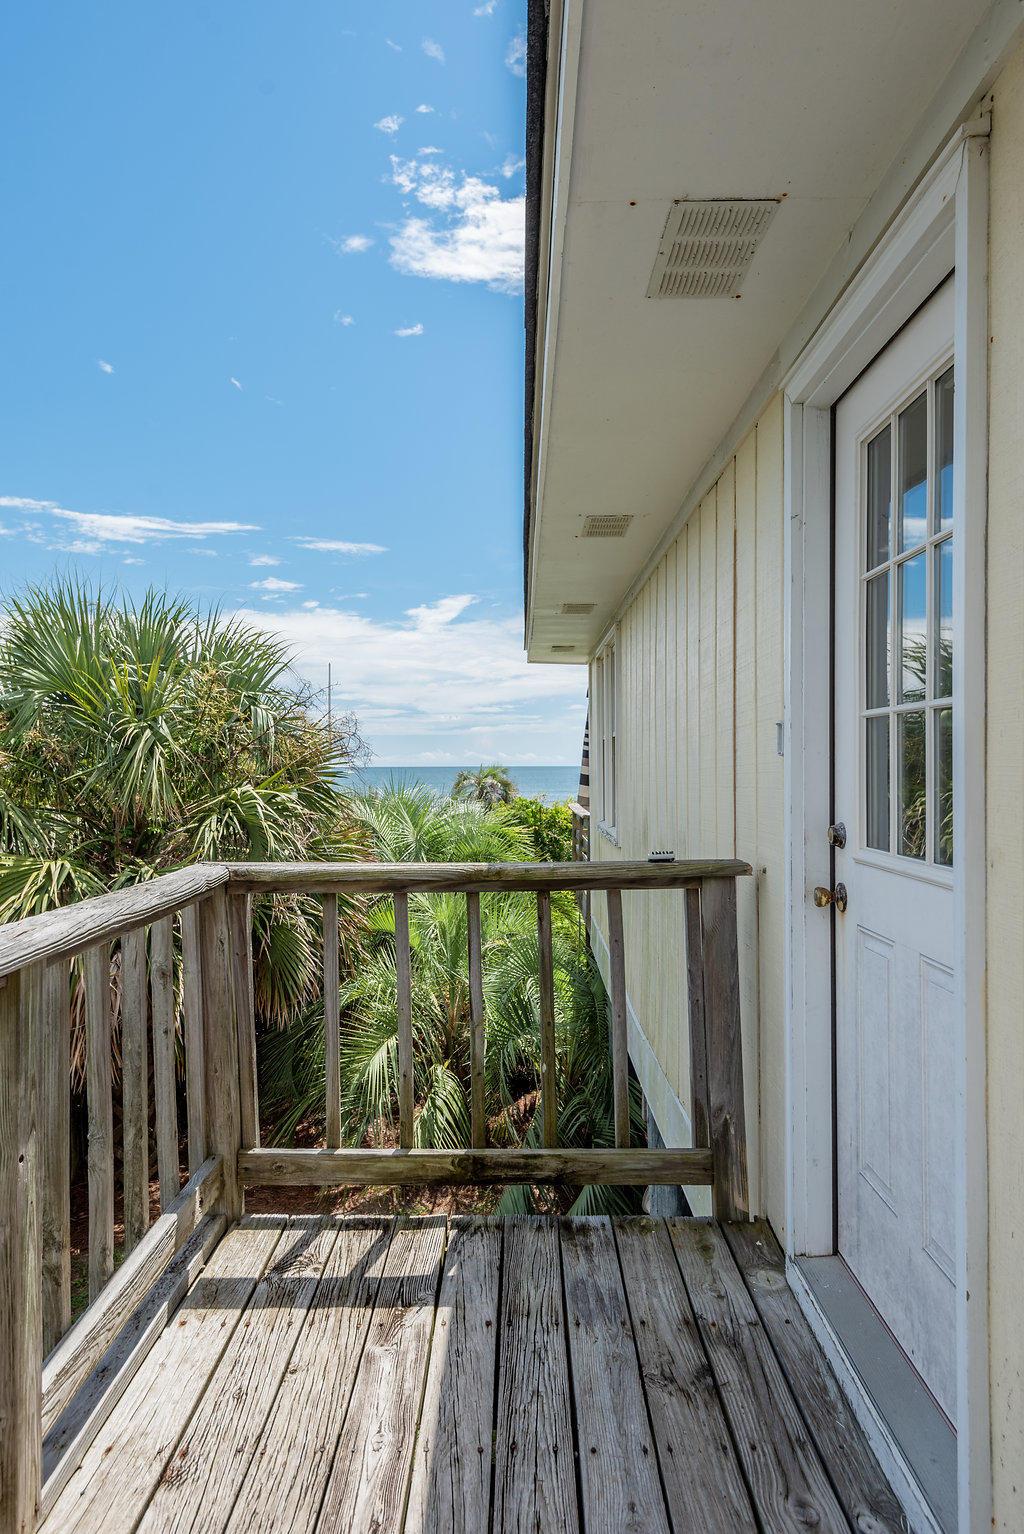 Folly Beach Homes For Sale - 1009 Ashley, Folly Beach, SC - 57